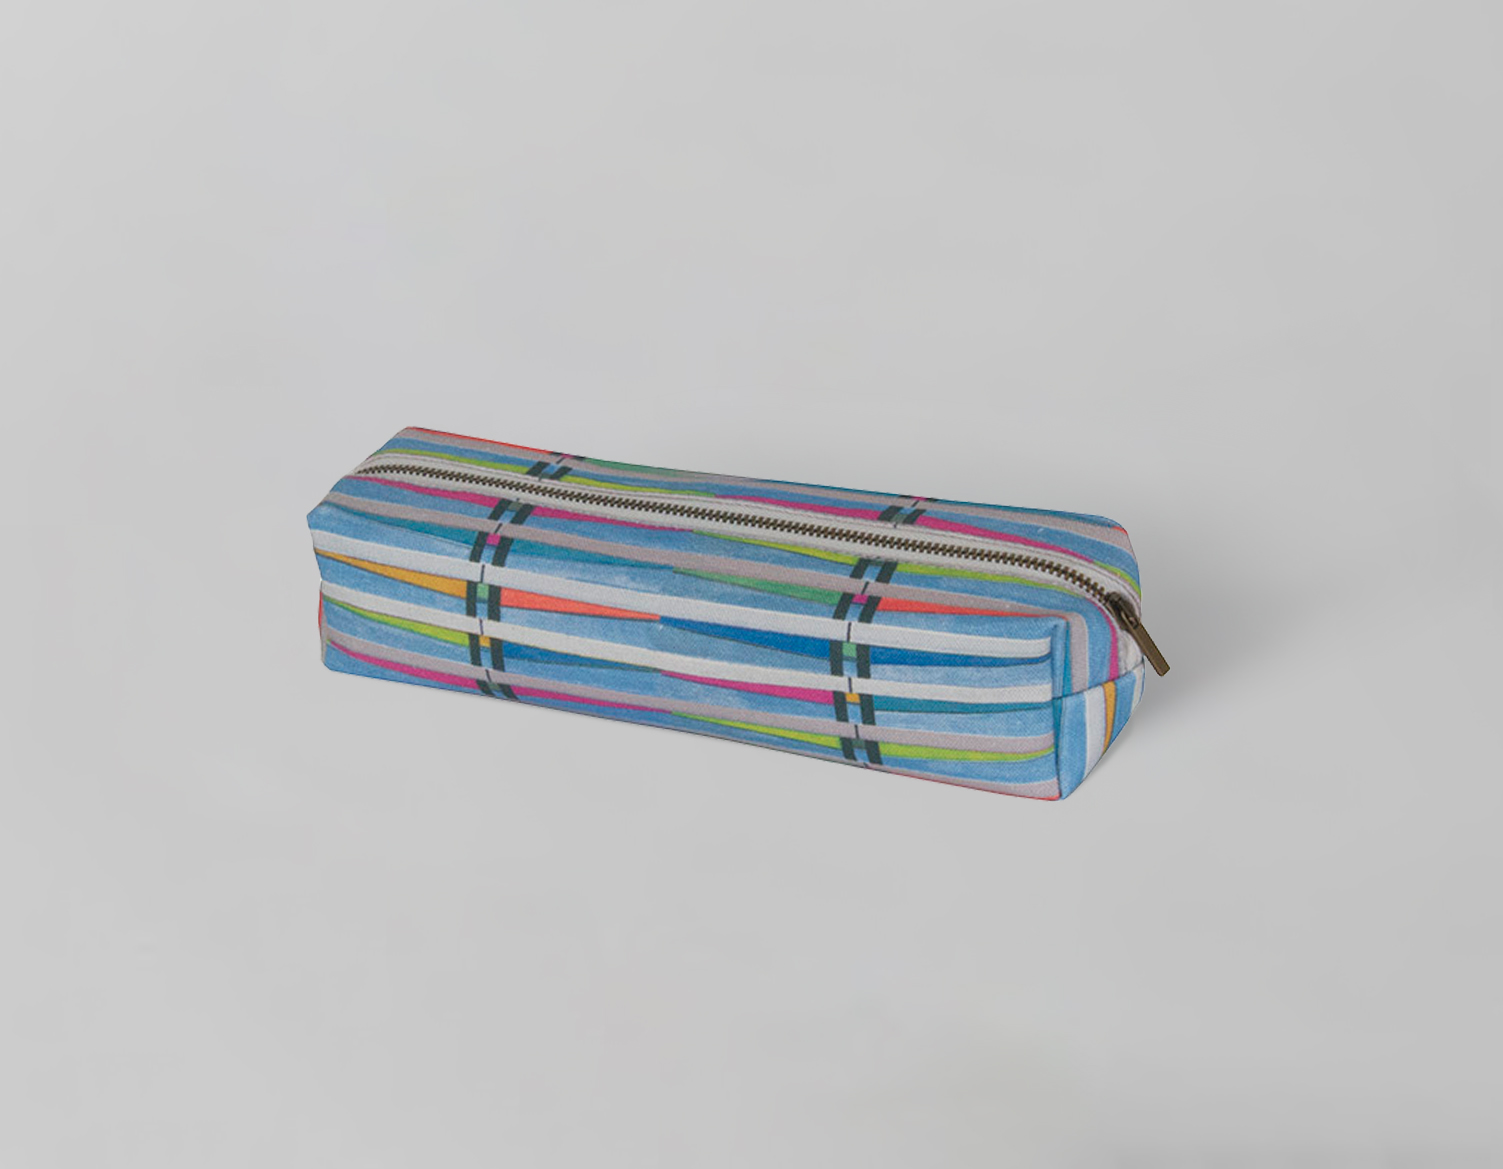 Promotional pencil case